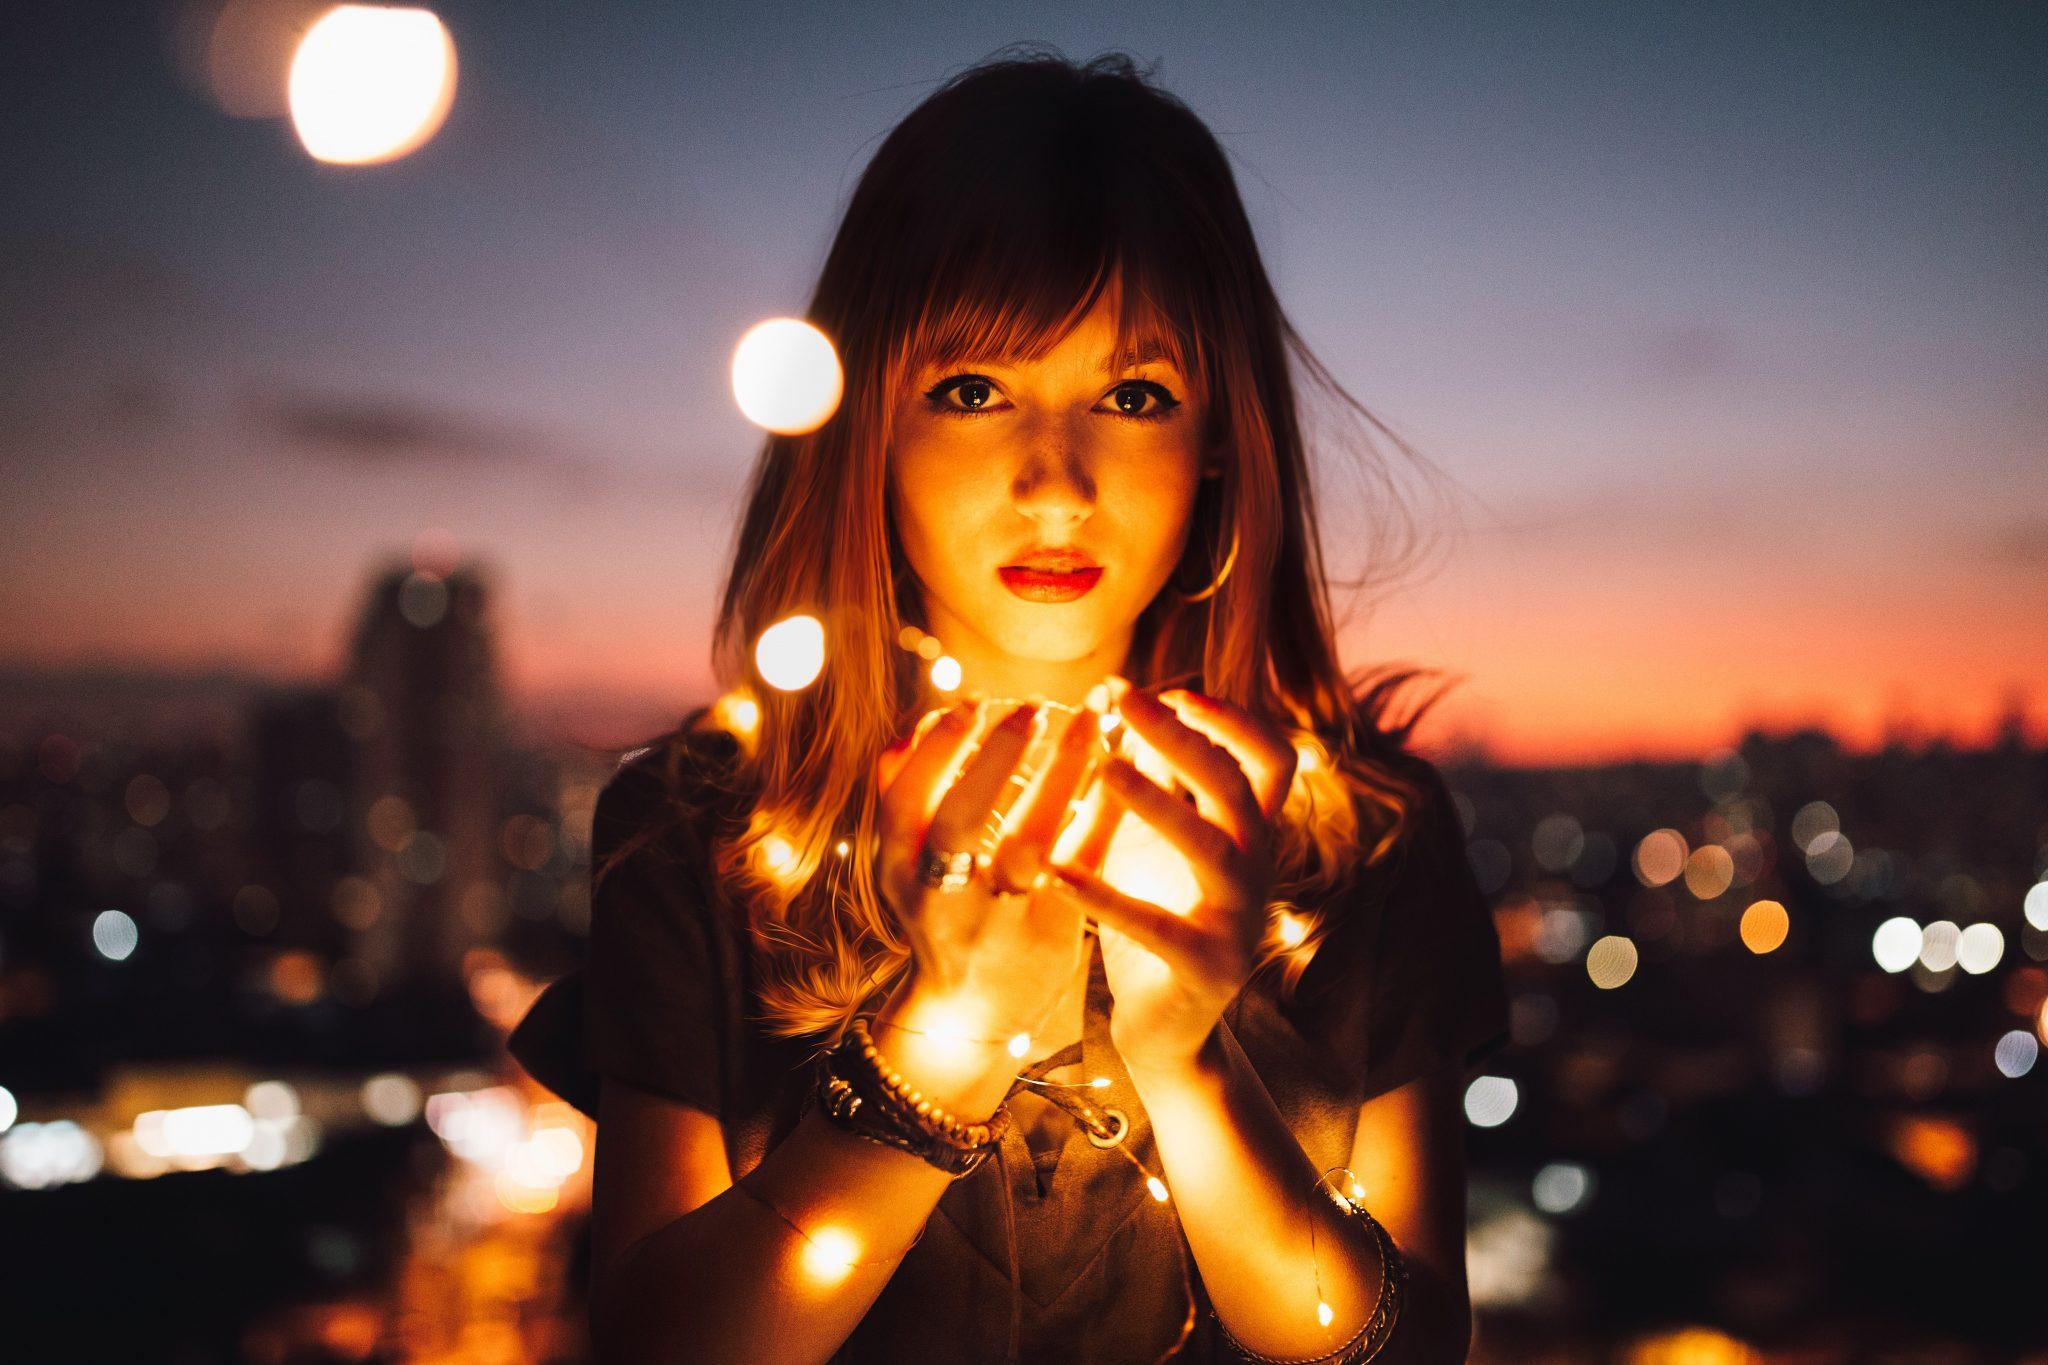 Femme et lumières dans la nuit